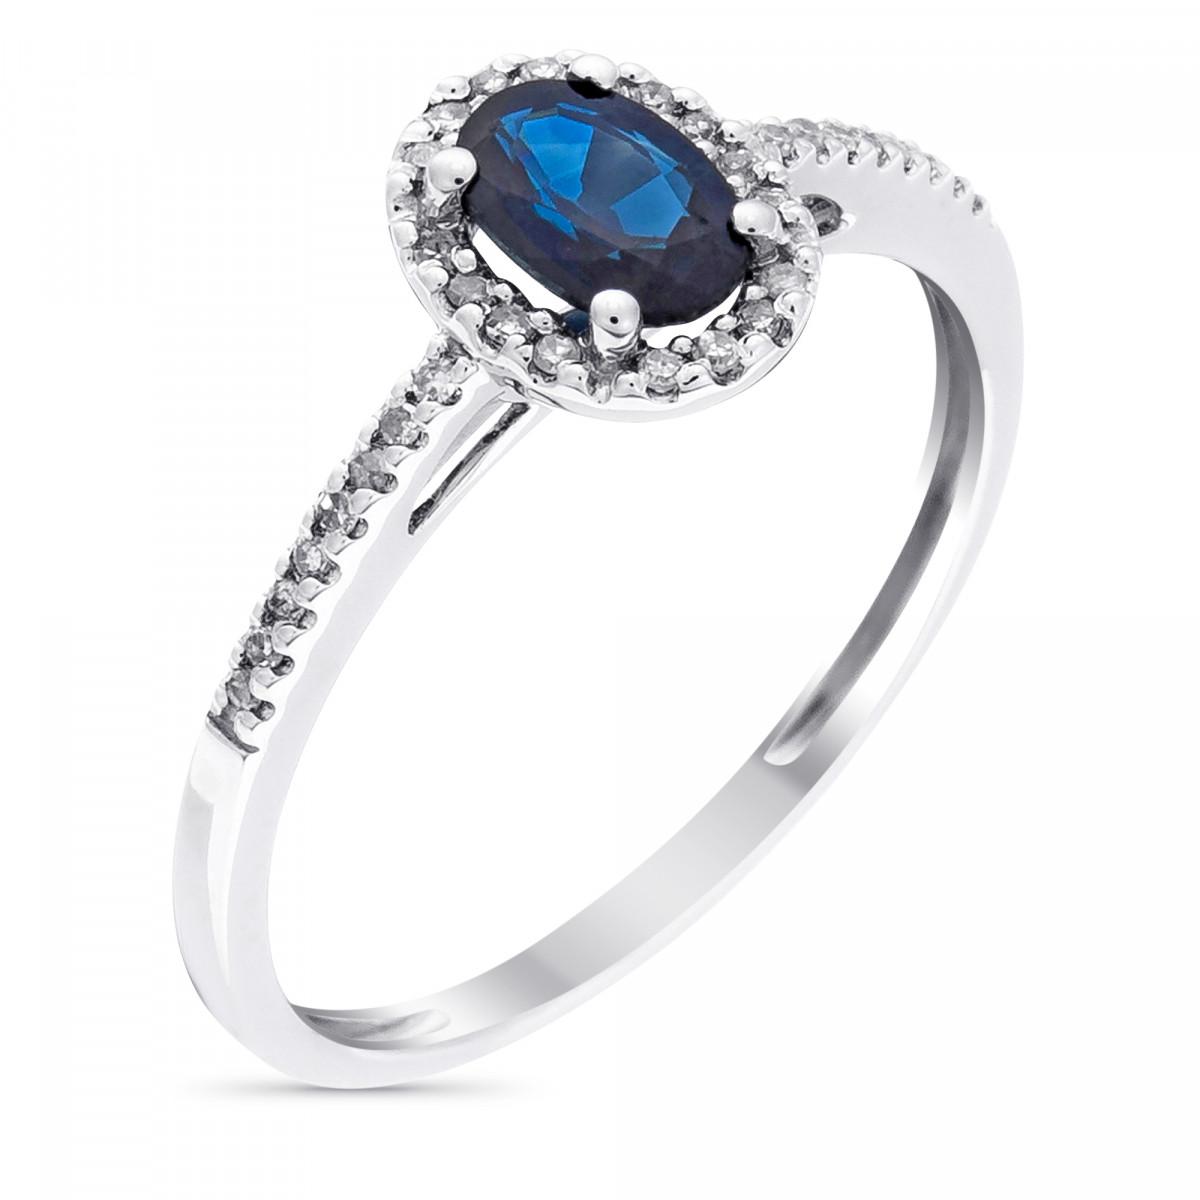 """Bague Or Blanc, Diamants 0,1 carats et Saphir 0,74 carats """"Royal Blue"""""""